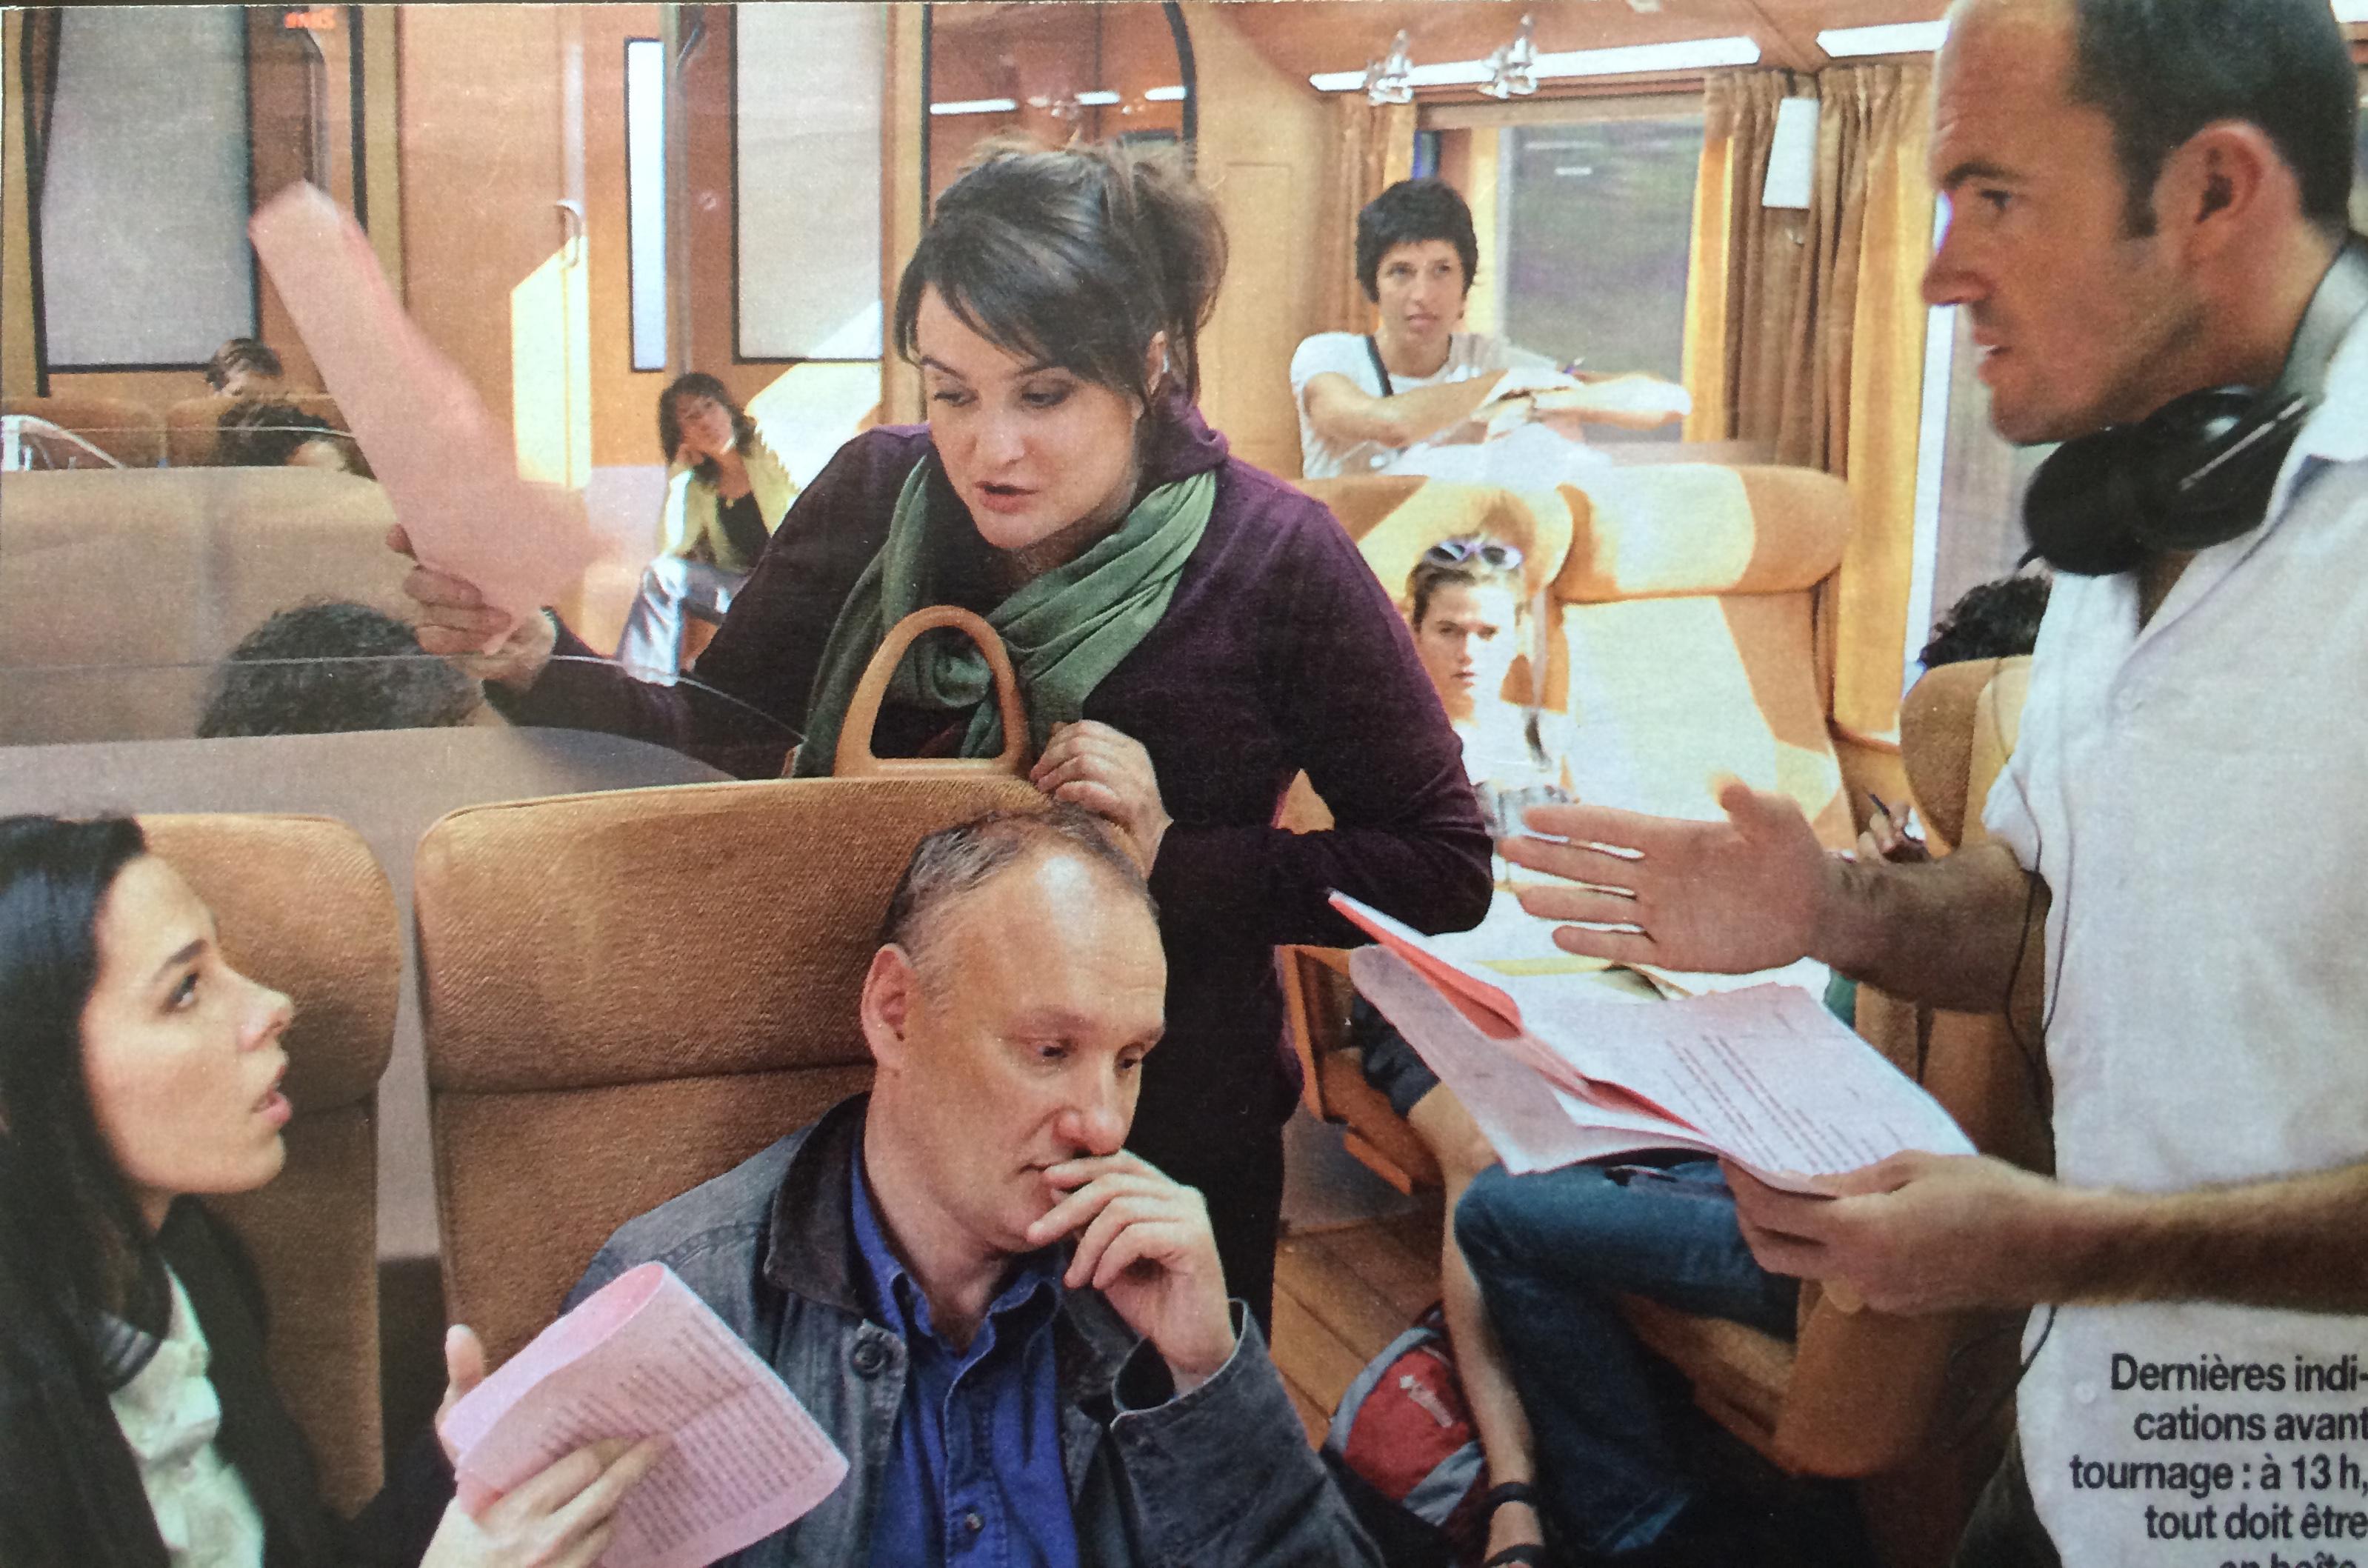 Le Train, Canal +, 2005